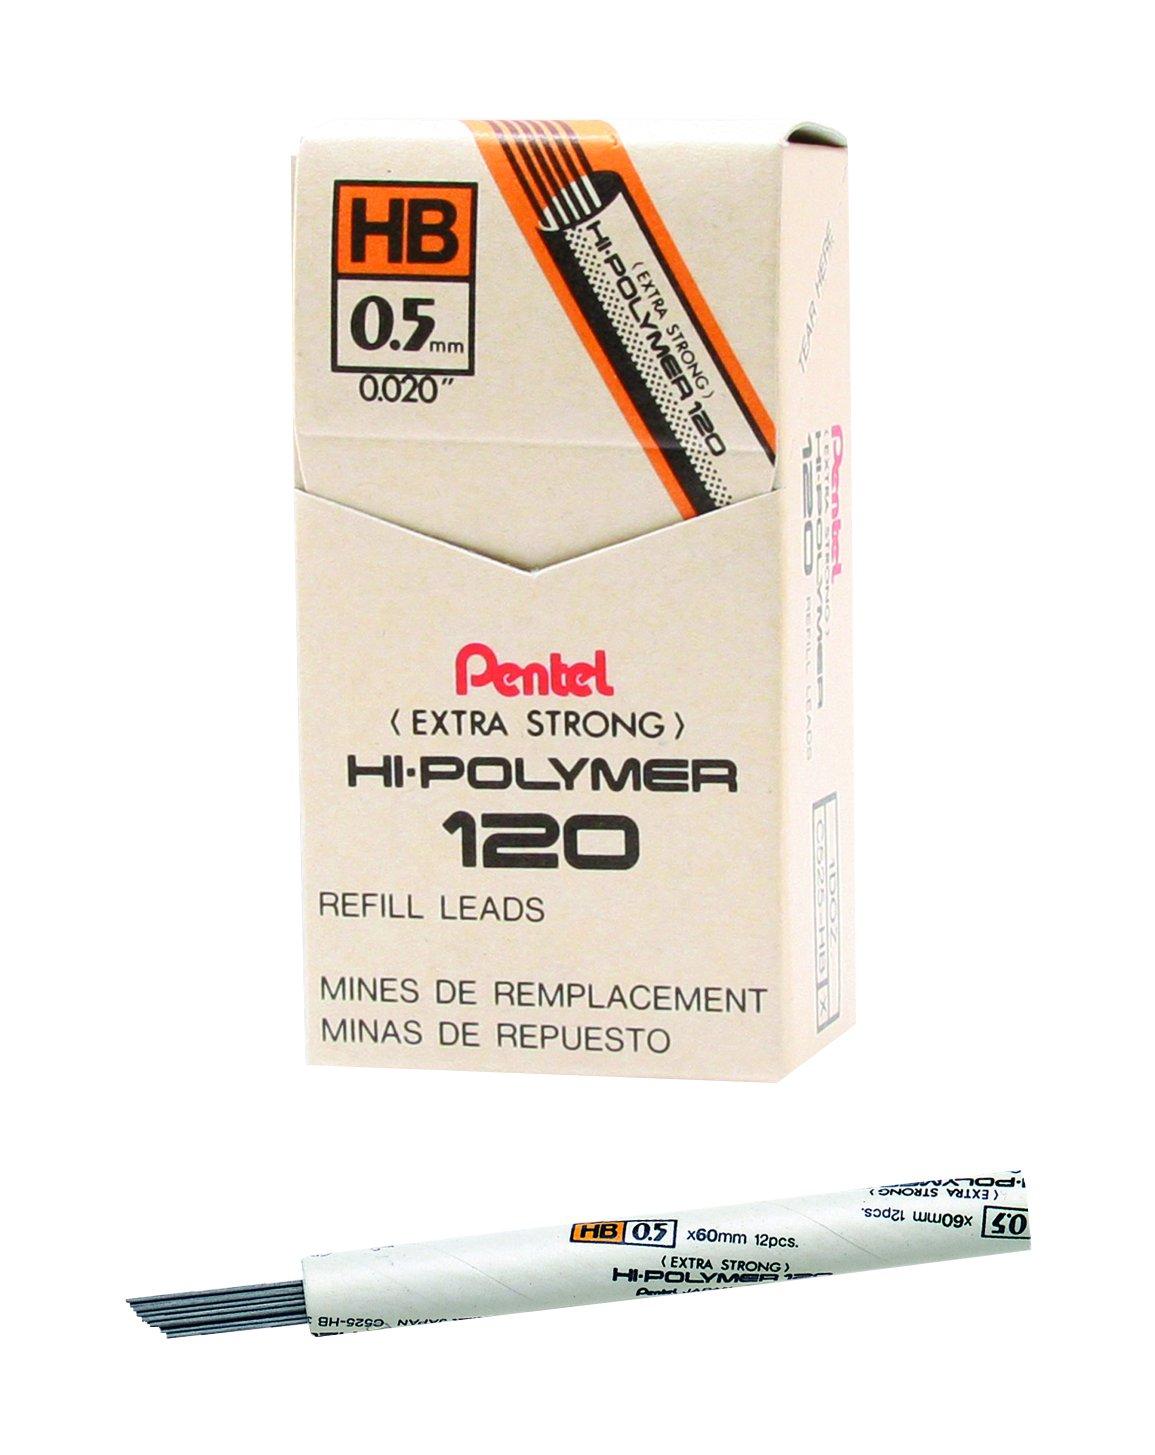 Pentel 120 Minas (12 Tubos) 0.5mm HB